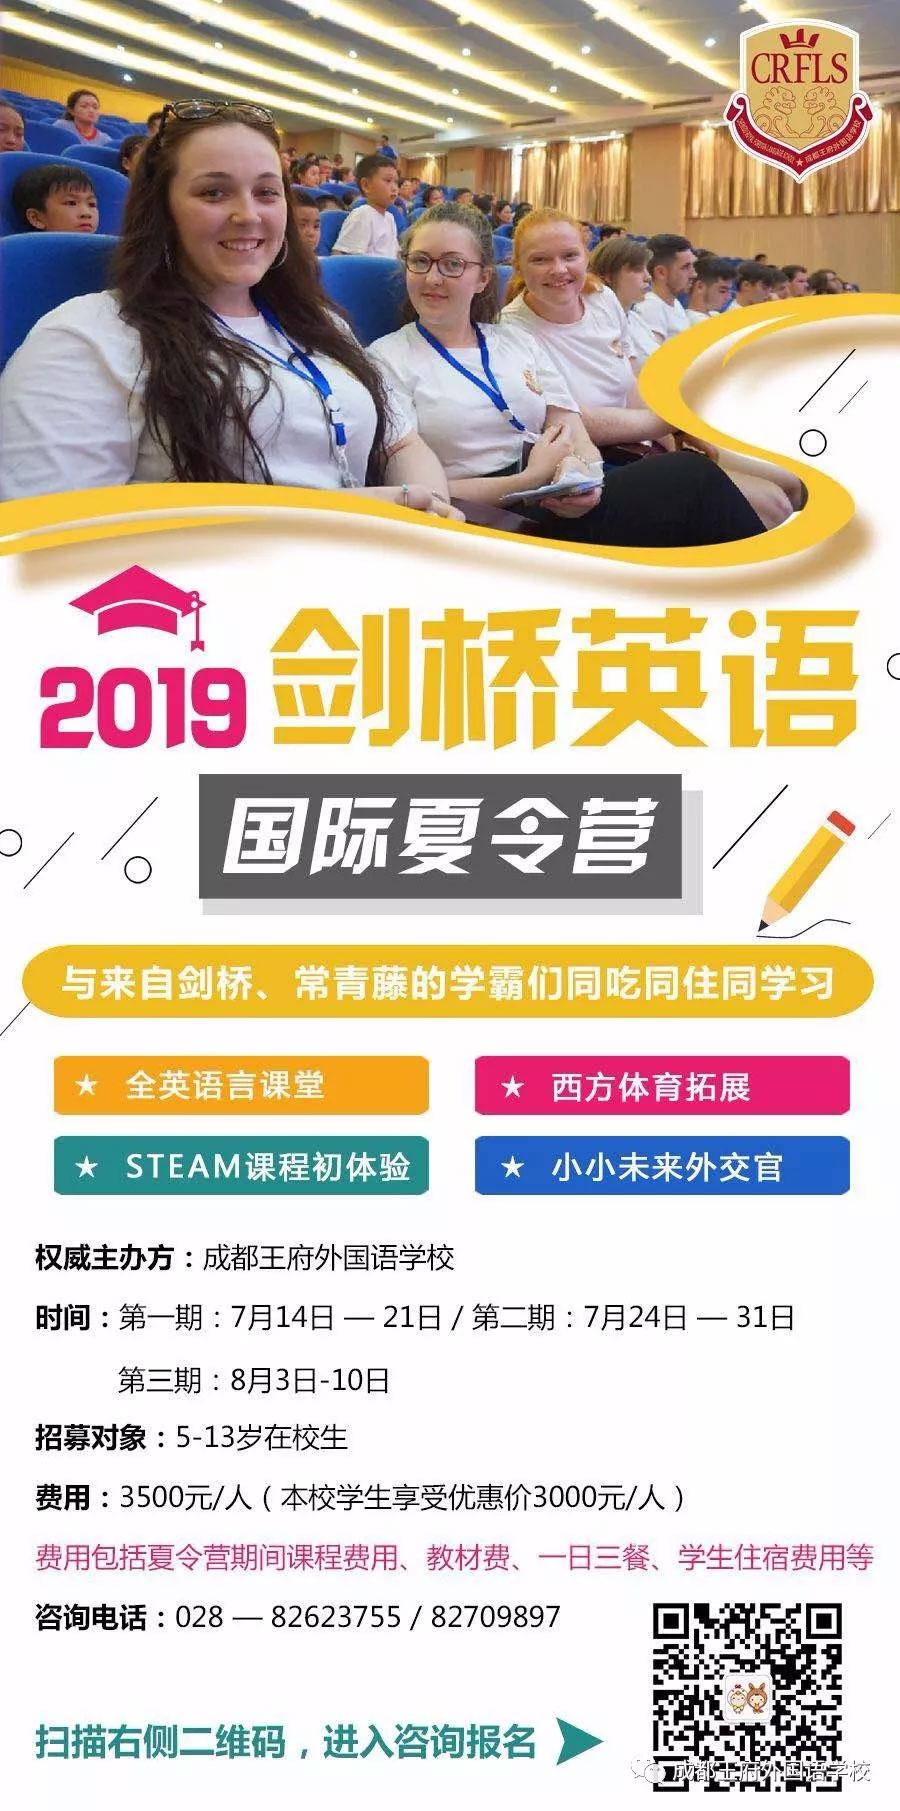 喜报丨成都王府学子在四川省学生武术套路锦标赛中荣获佳绩